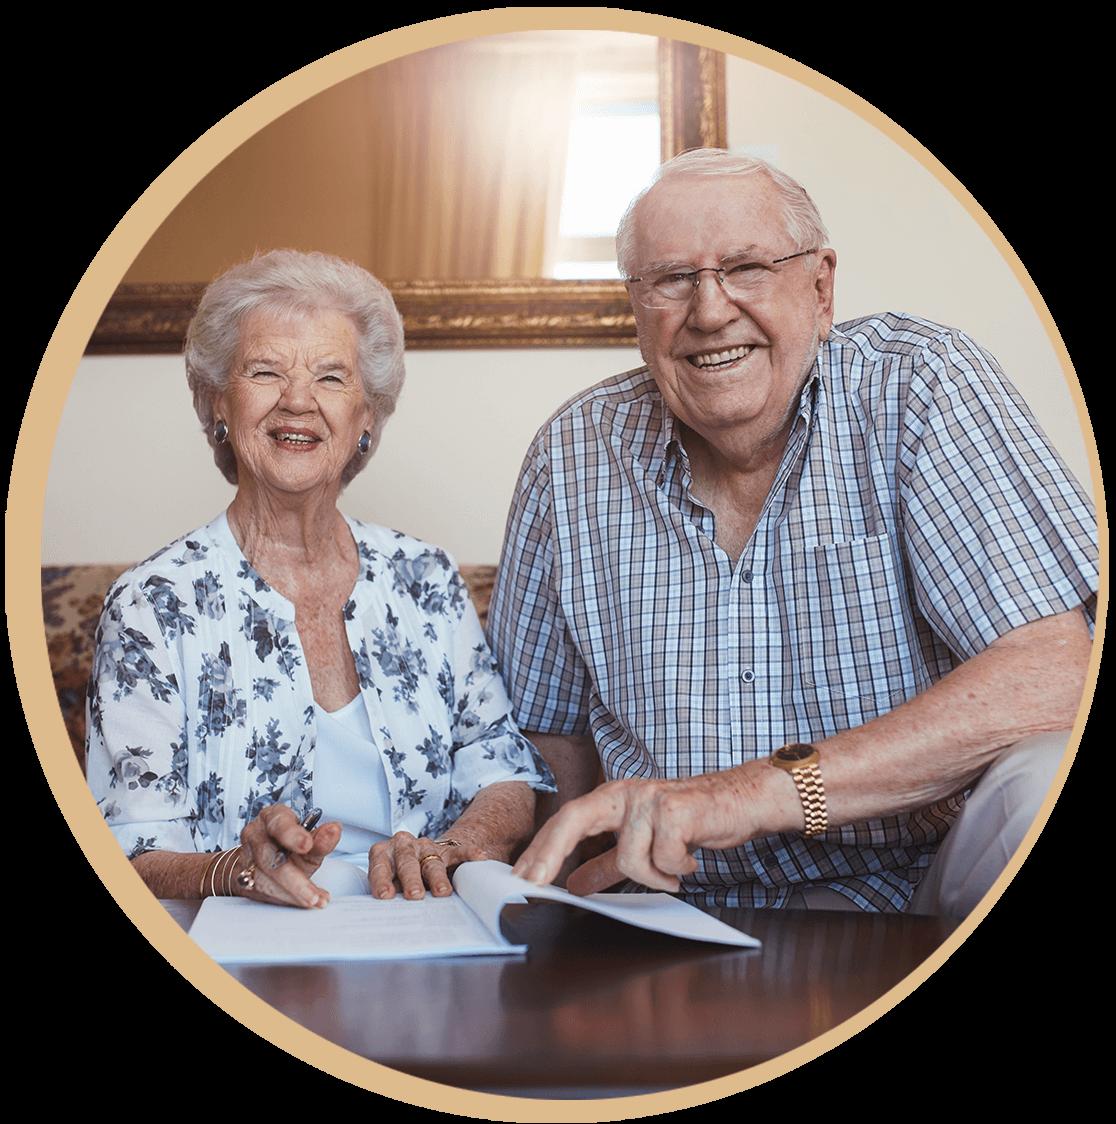 notario-para-tramites-de-escriturar-testamentar-y-constituir-sociedades